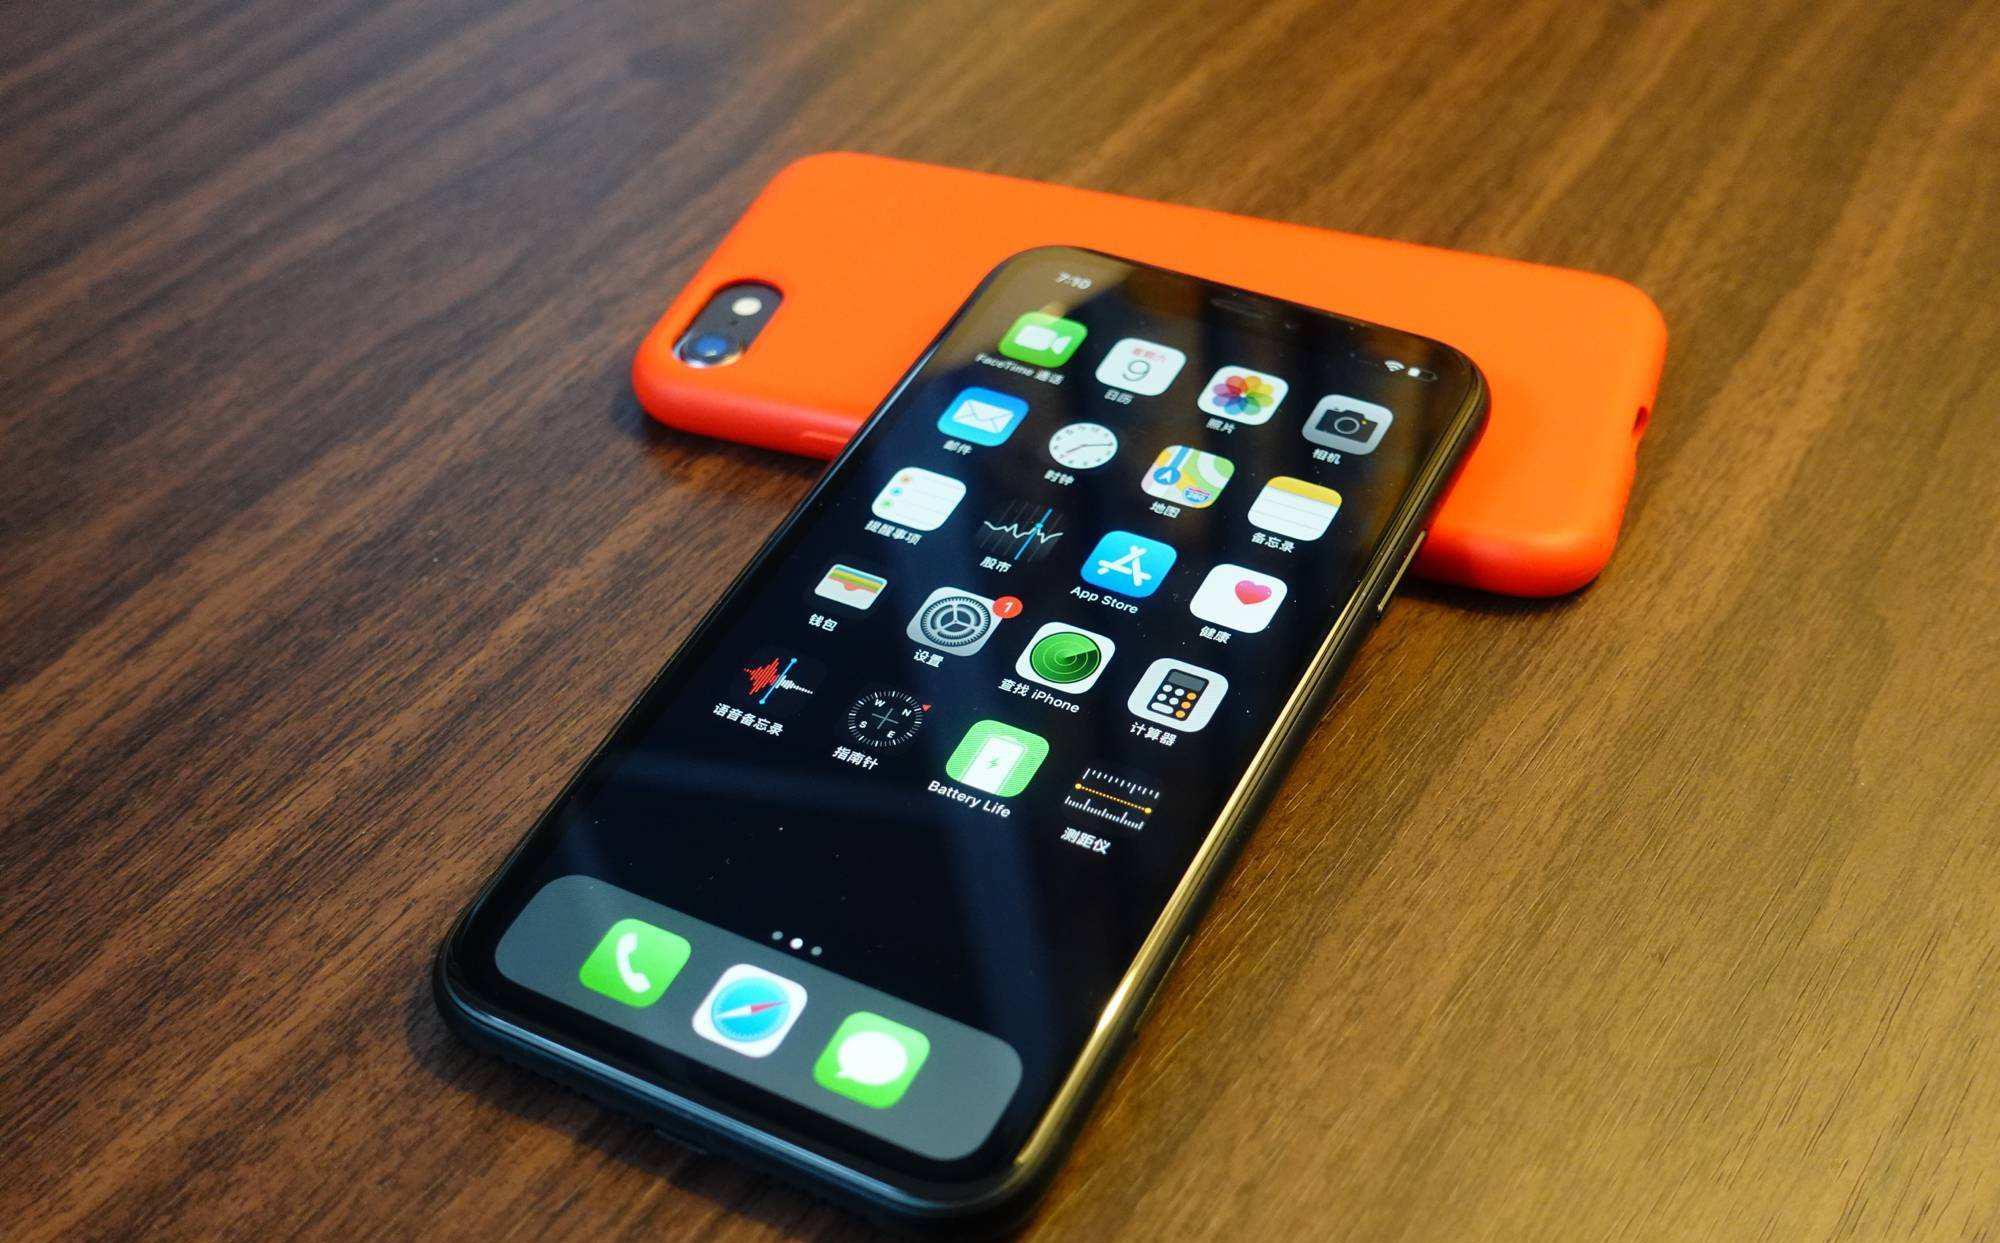 从6499降到4599元,它可能是苹果目前最值得入手的手机了